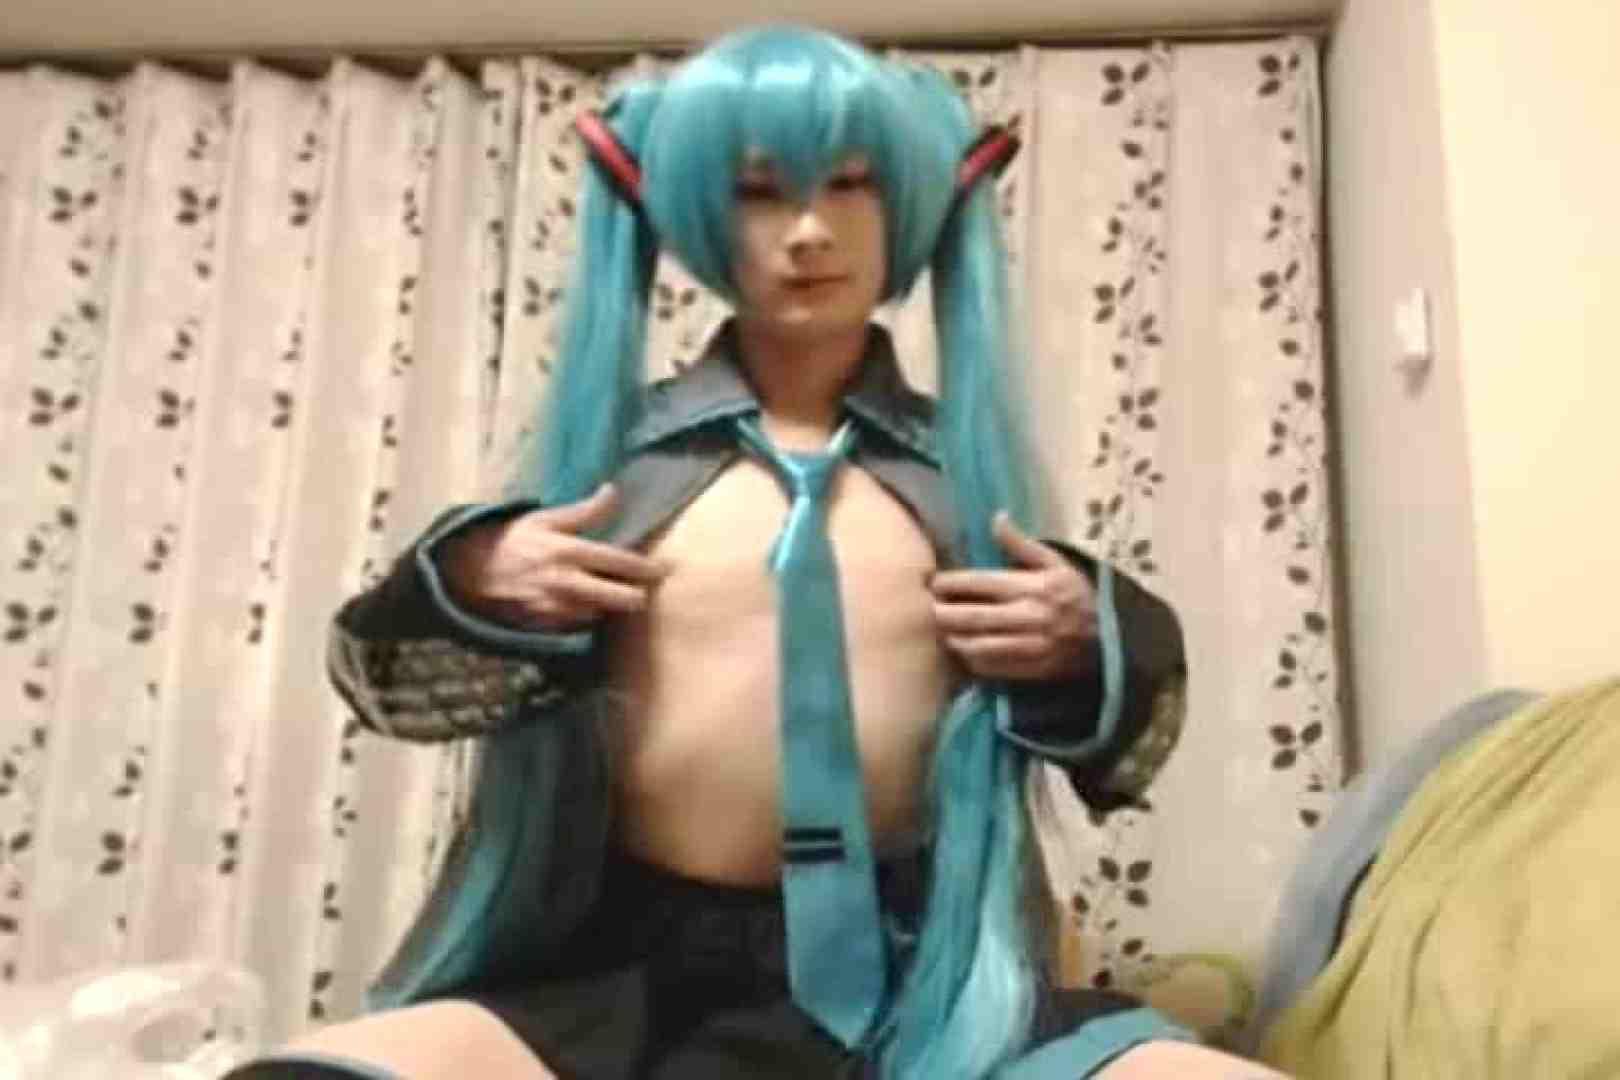 男のKOスプレー!Vol.03 ゲイのオナニー映像  59枚 52